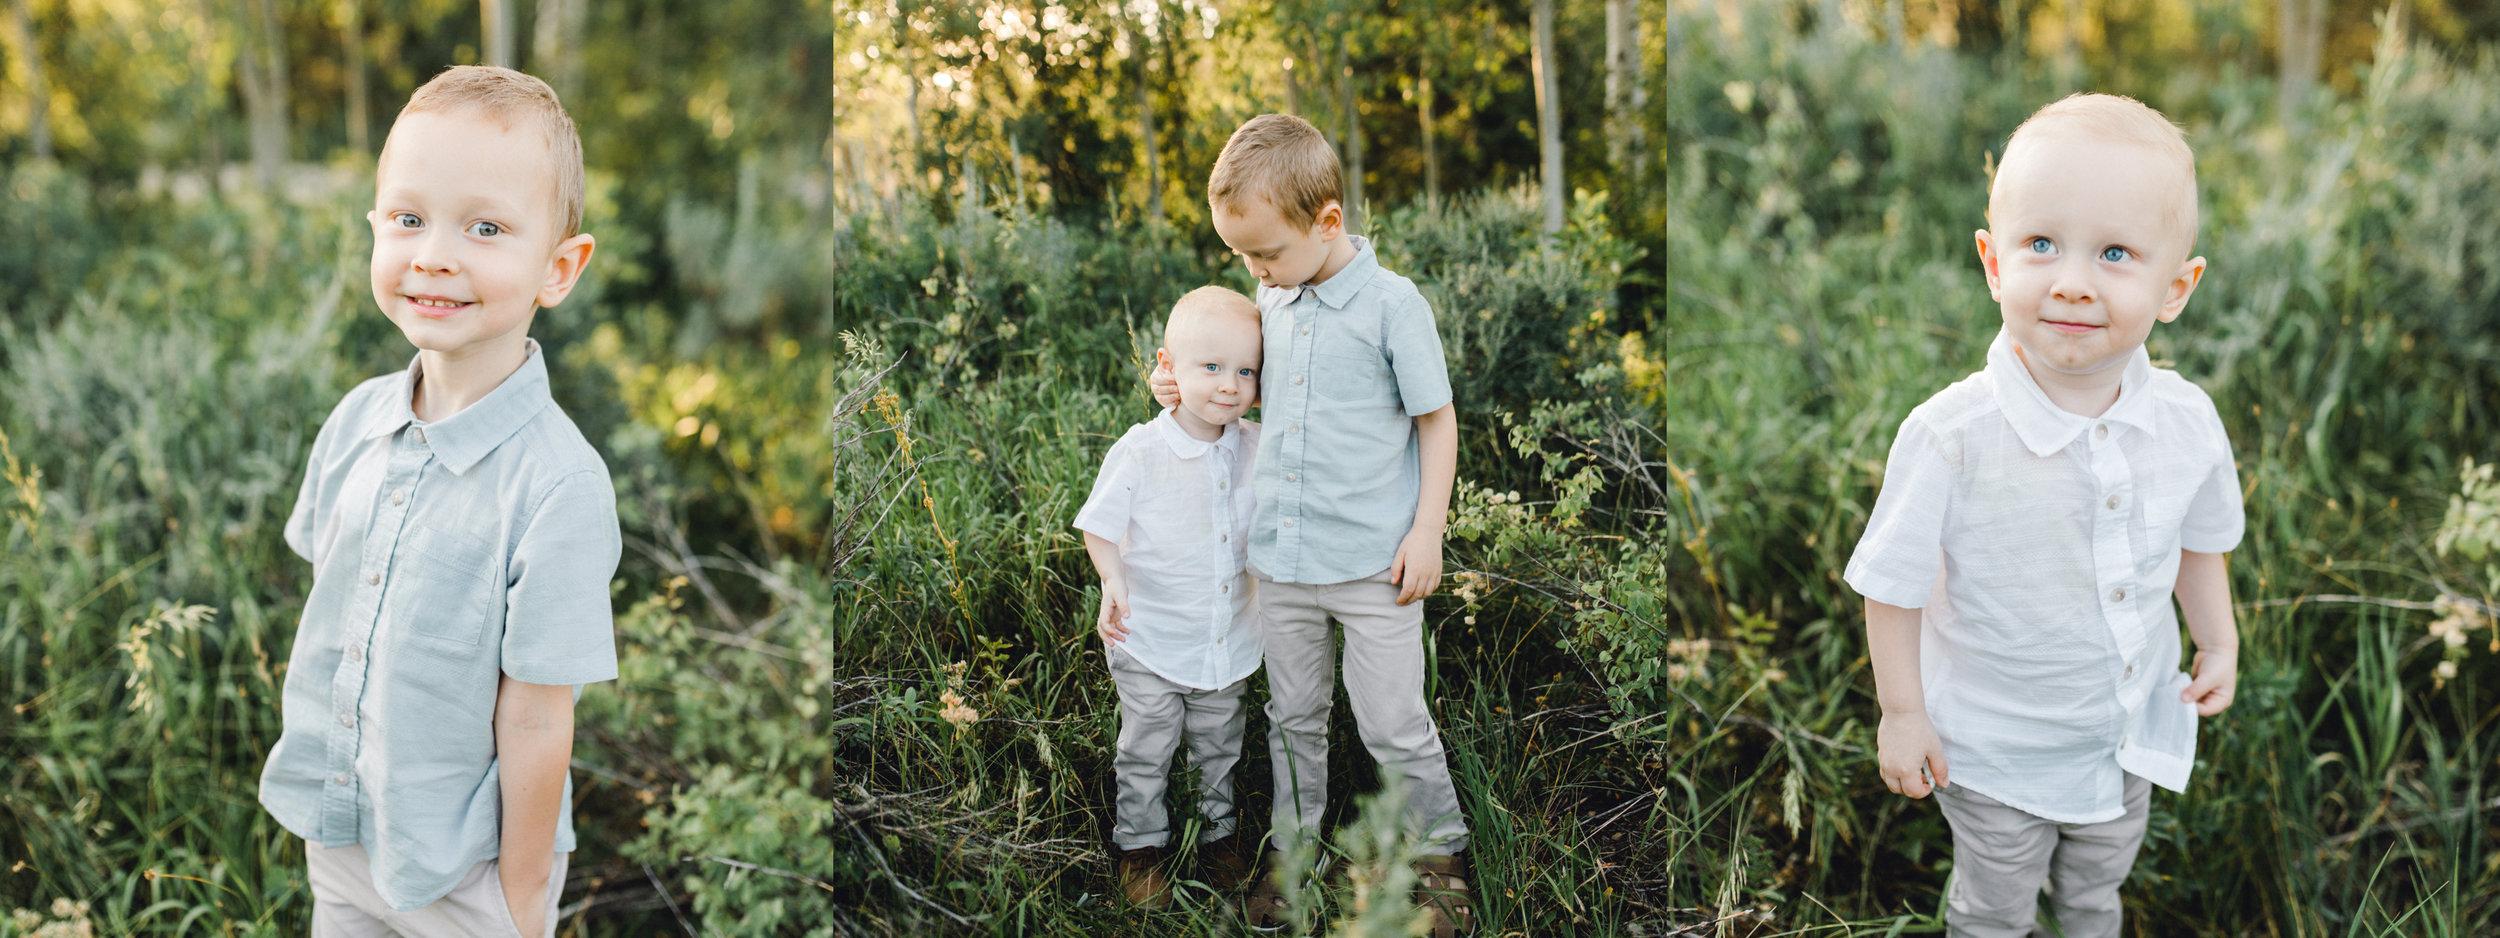 teton-mountain-family-photography-alta-wyoming-driggs-idaho-rexburg-idaho-family-photographer1.jpg